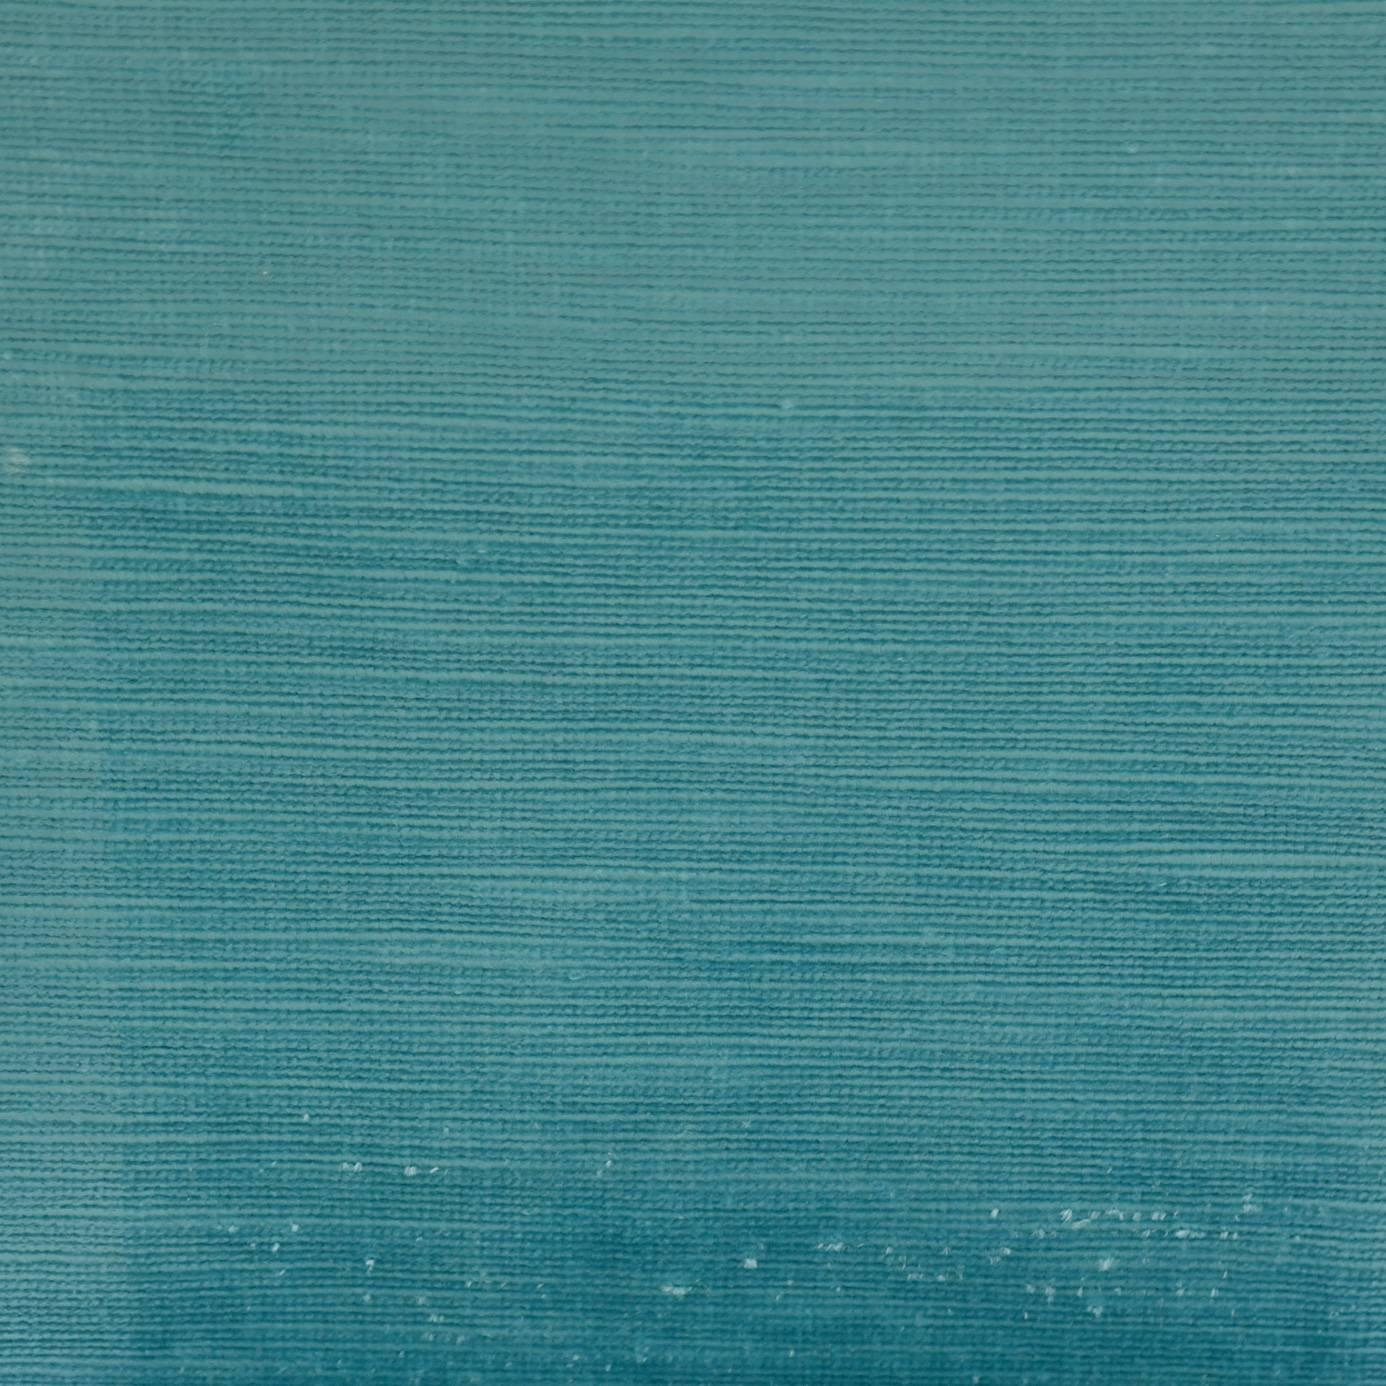 Villa Nova Heavenly Fabrics Heavenly Fabric   Kingfisher   208864 1386x1386